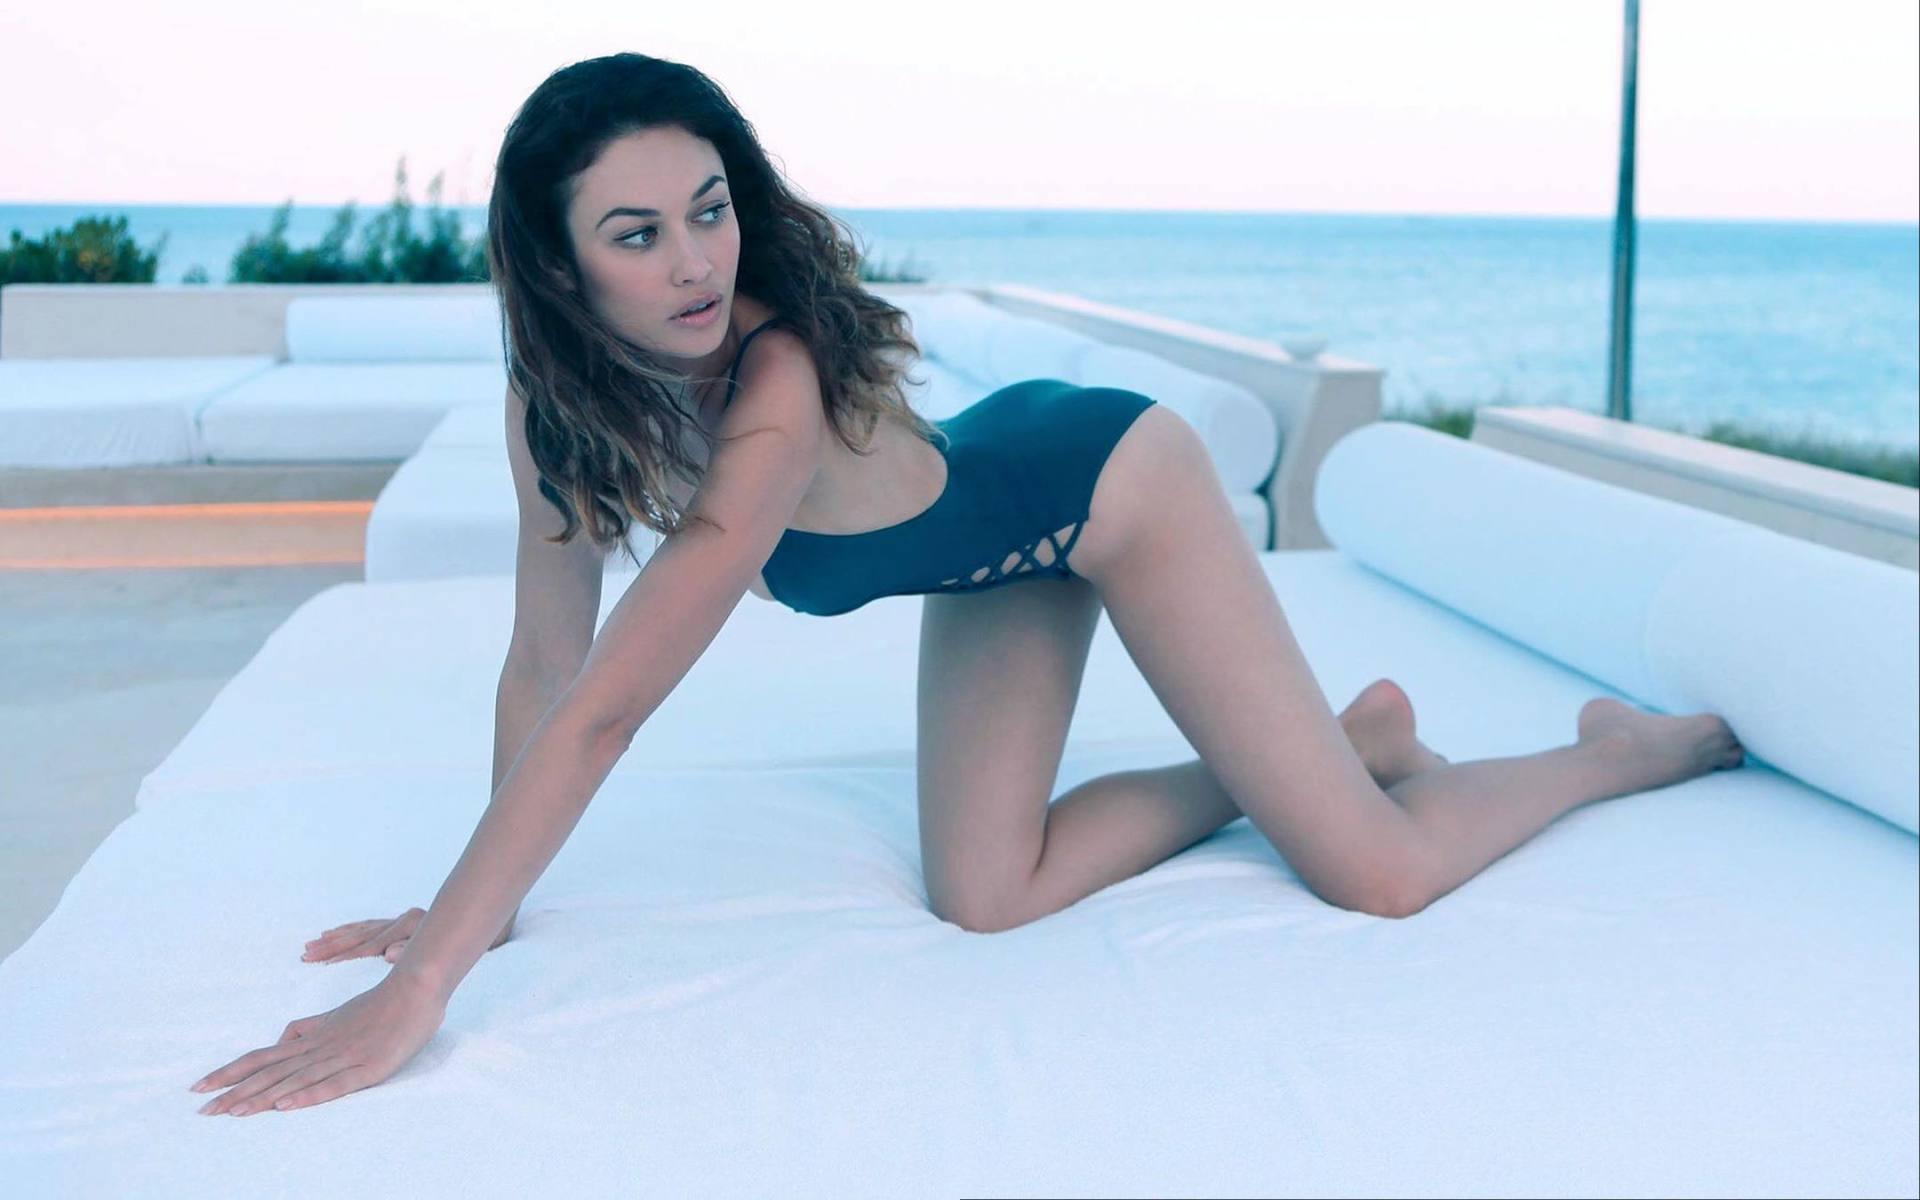 Olga Kurylenko Hot Body In Swimsuit